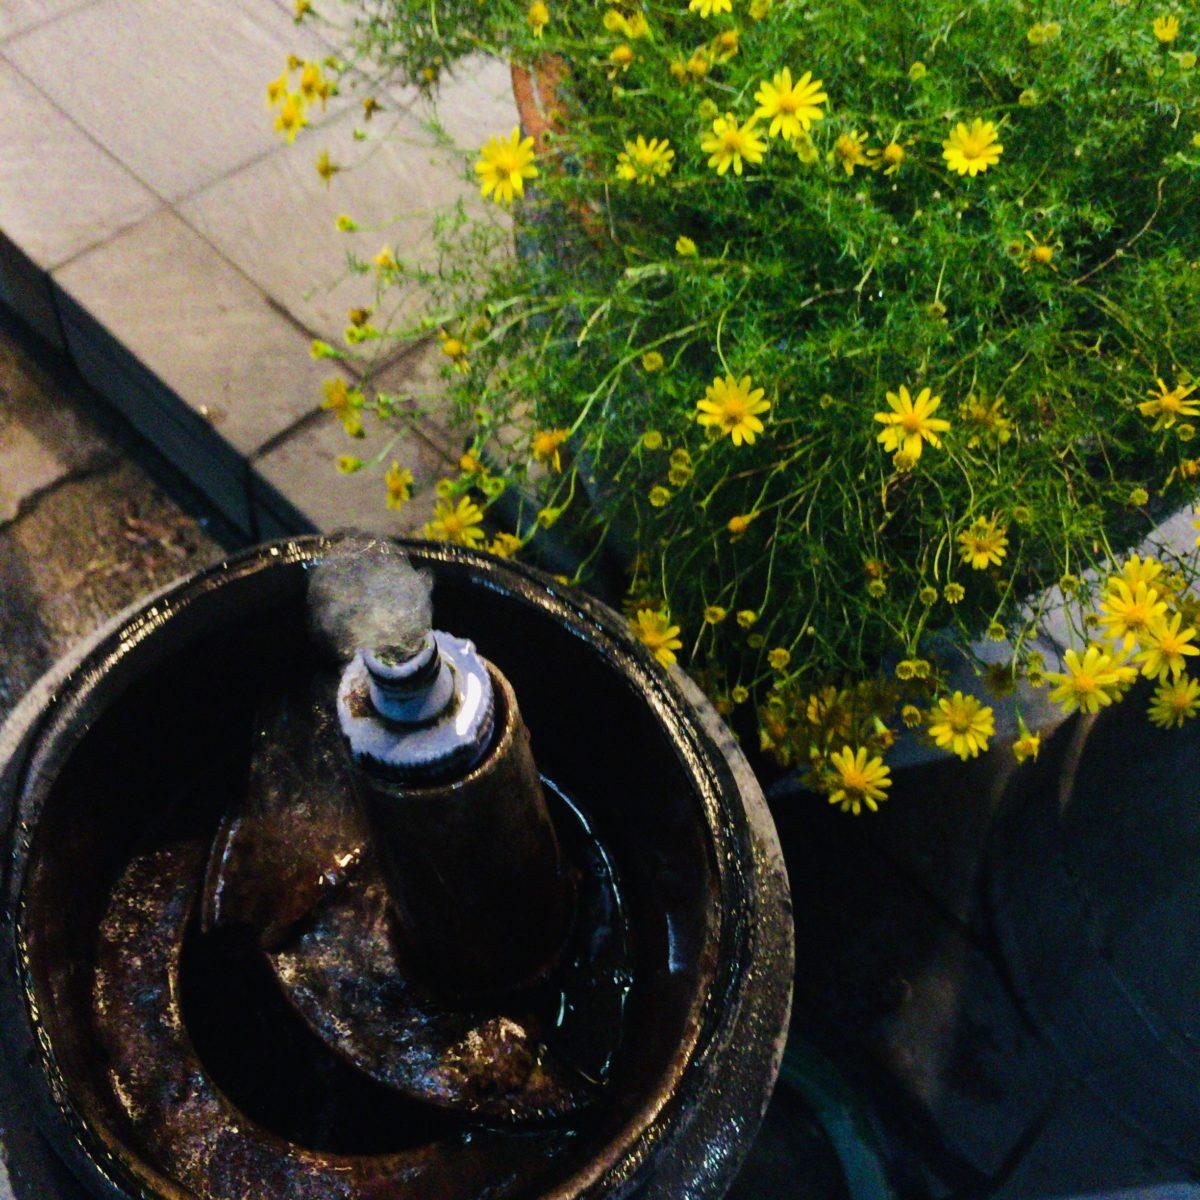 山梨にある加温・加水なし源泉掛け流し温泉「草津温泉」